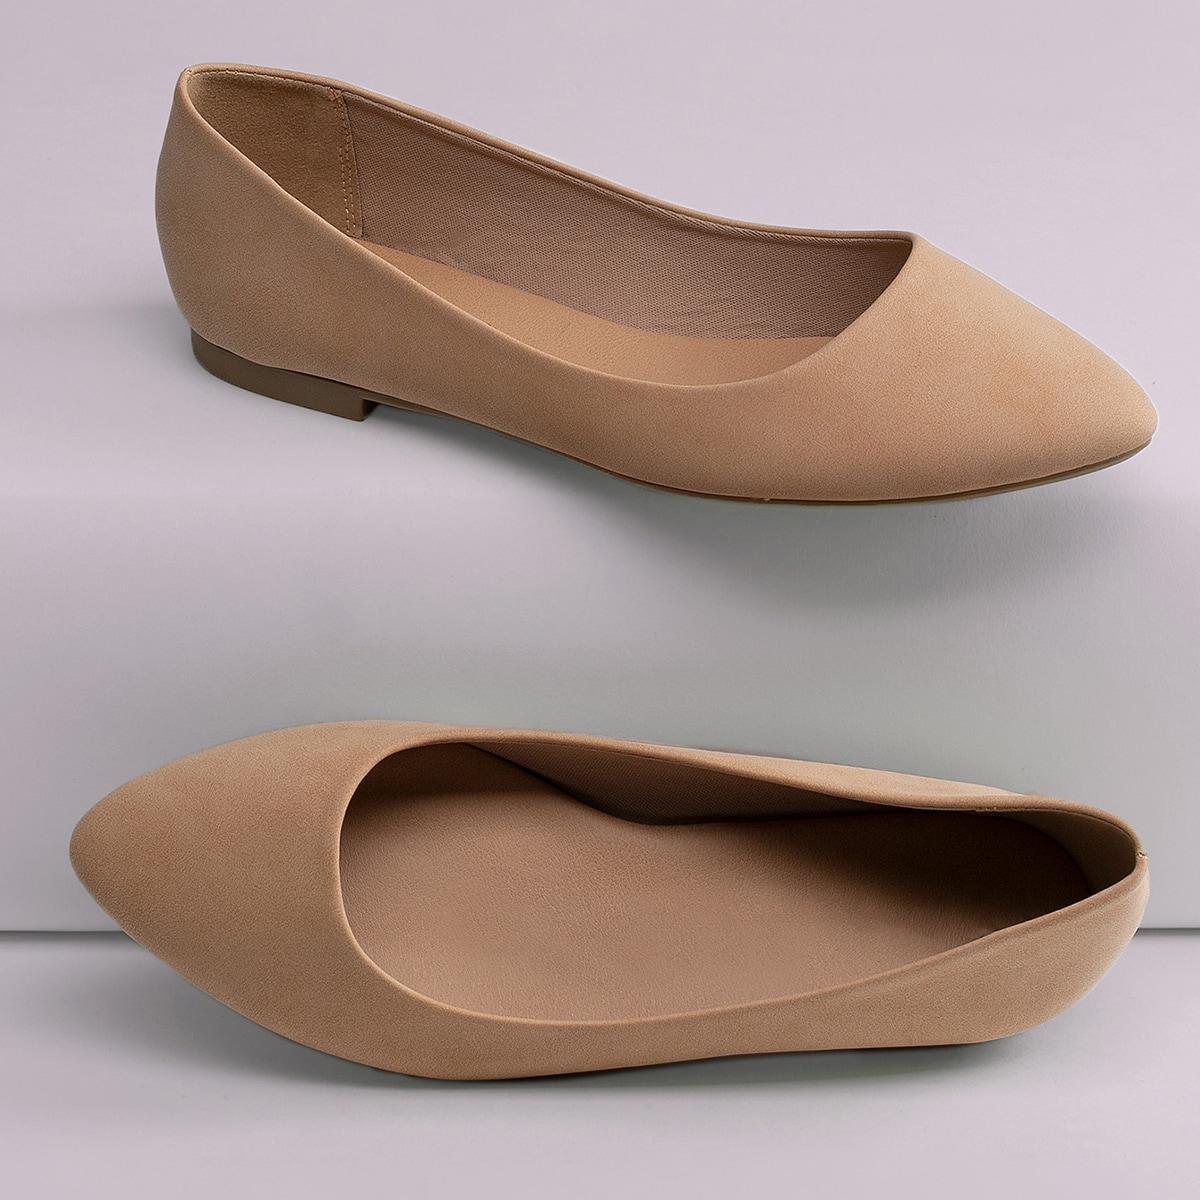 Остроконечные балетки без шнурки